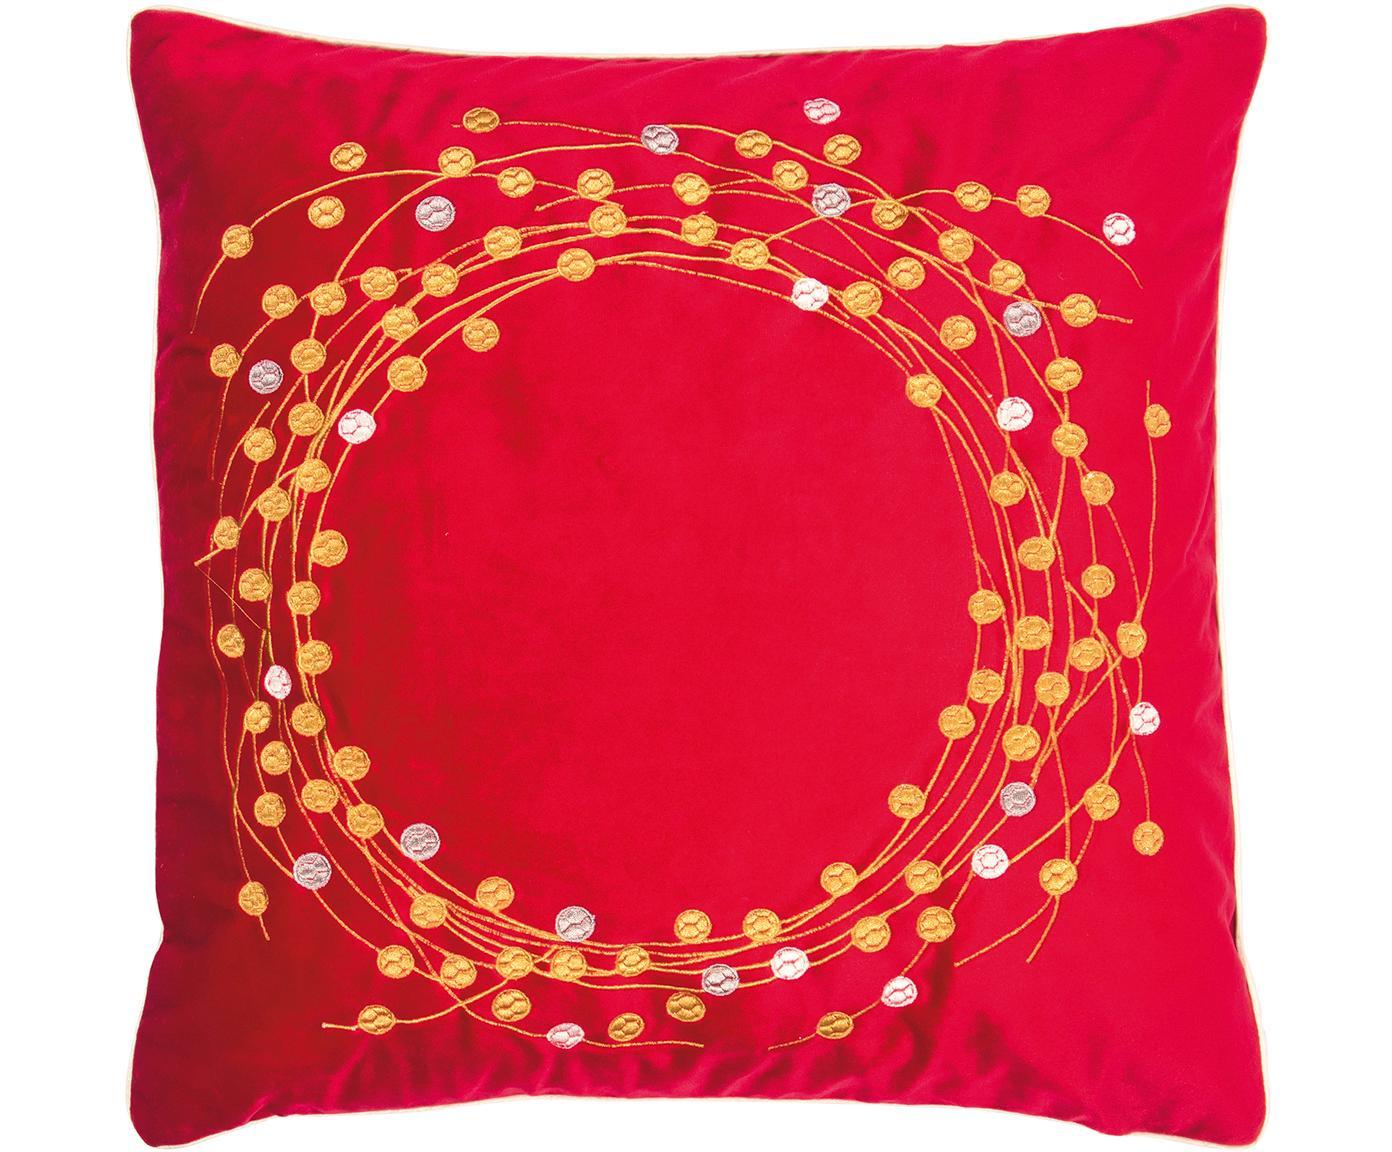 Samt-Kissenhülle Circle mit besticktem winterlichem Motiv, Polyestersamt, Rot, Goldfarben, 45 x 45 cm